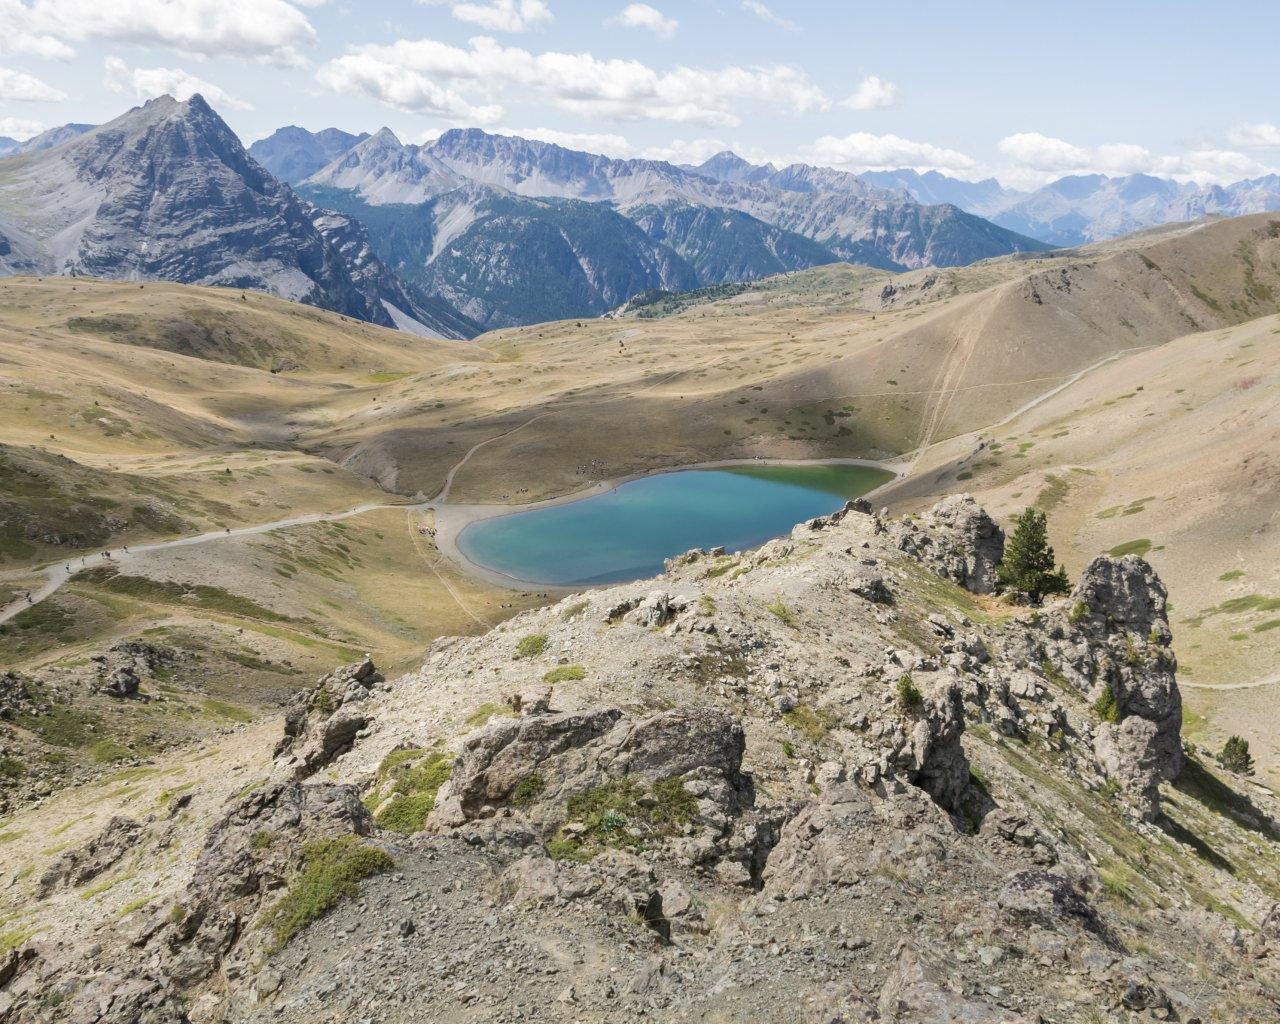 Gignoux (Lago) o dei Sette Colori da Cesana, giro per Col Chabaud, Lago Gignoux, Fort Gondran, Monginevro, Sagnalonga 2015-08-21